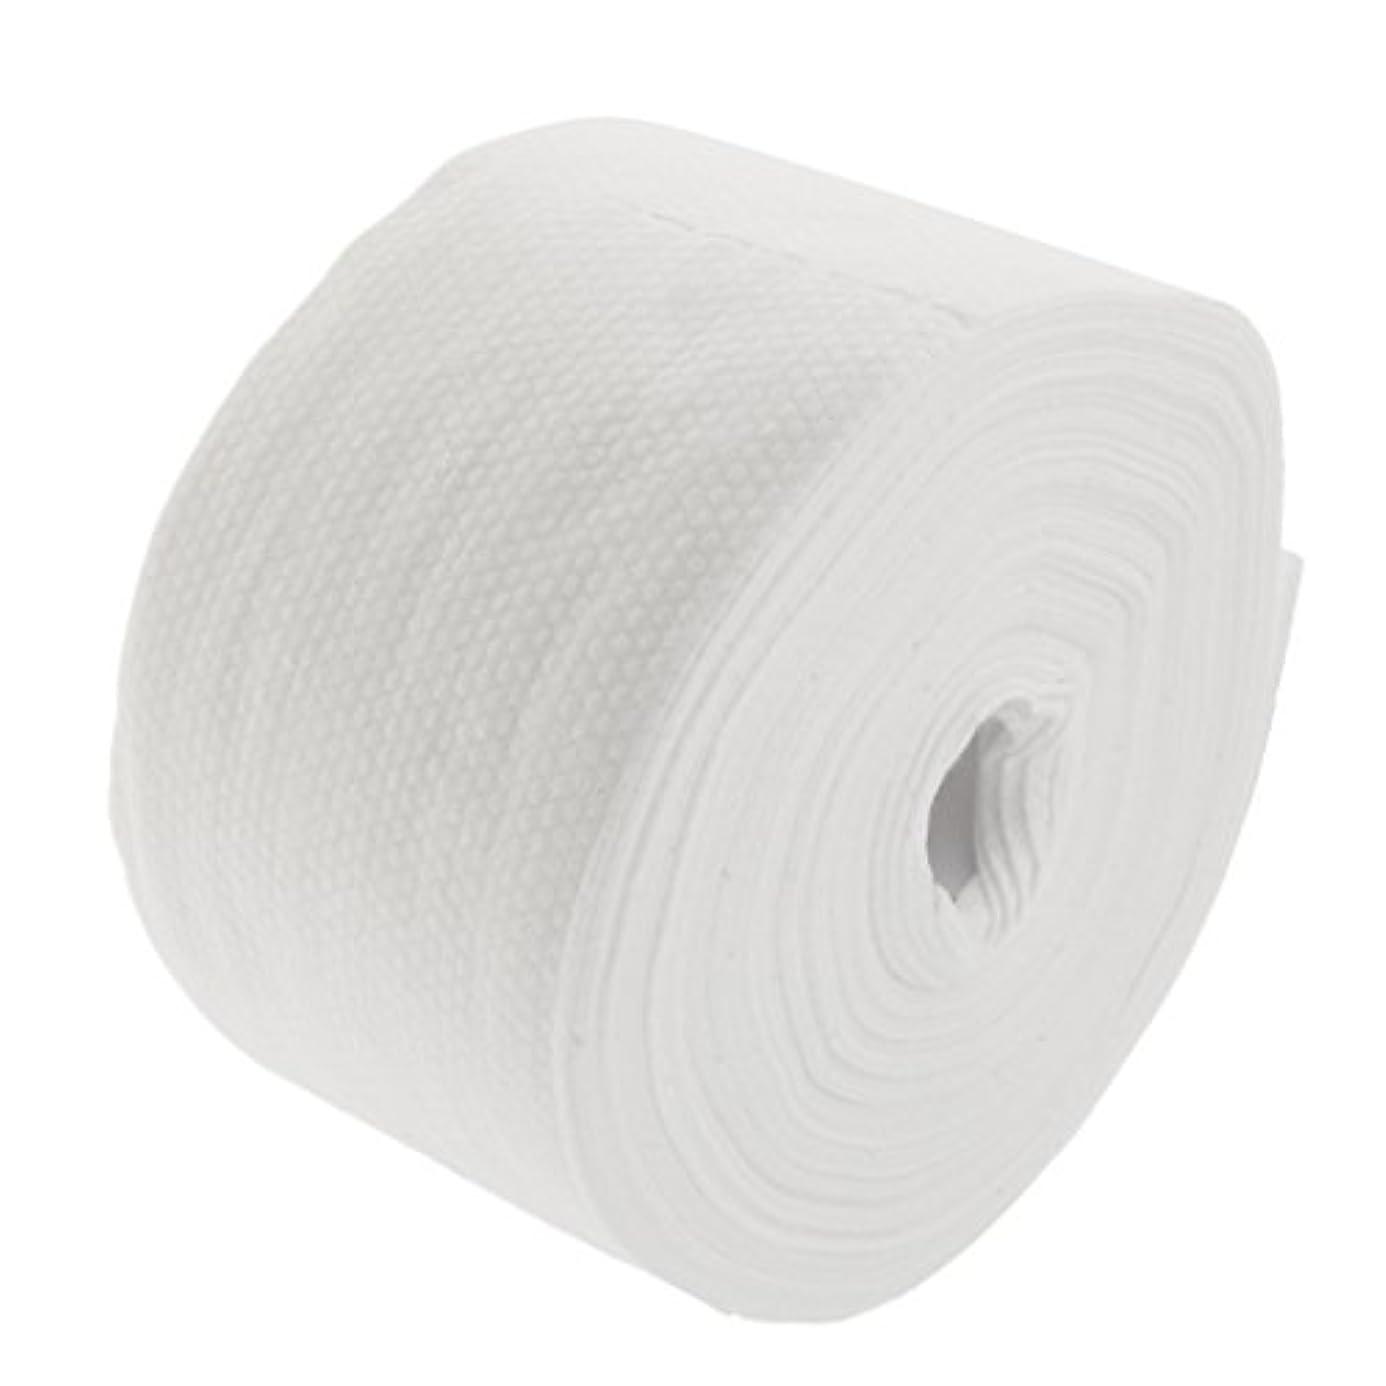 不定コンパクトミル30メートルの使い捨て可能な綿タオル繊維クレンジングフェイシャルワイプメイク落とし - #2